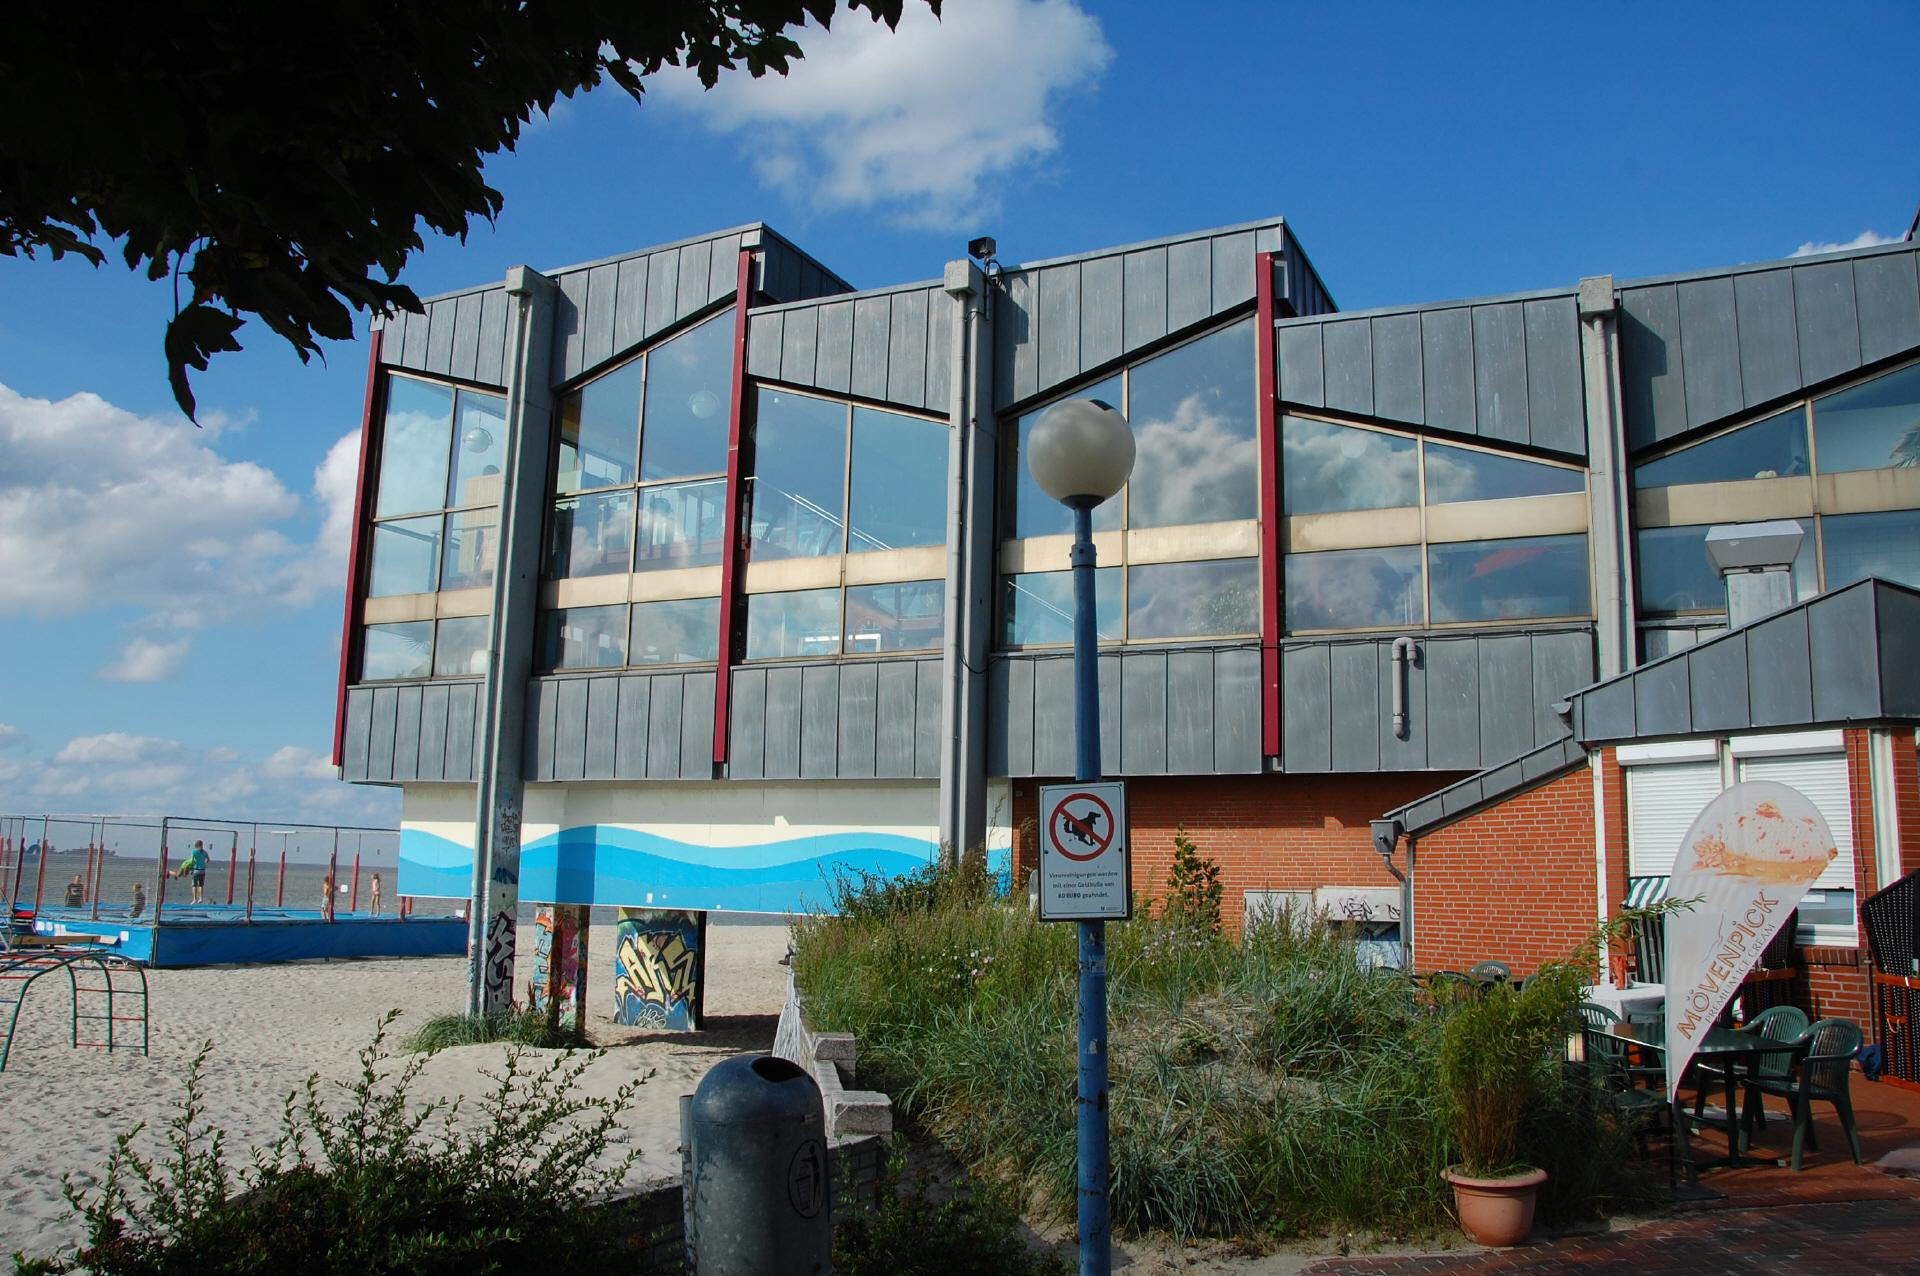 Schwimmbad Neumünster schwimmbäder und badeparadiese in der nähe vom schönberger strand